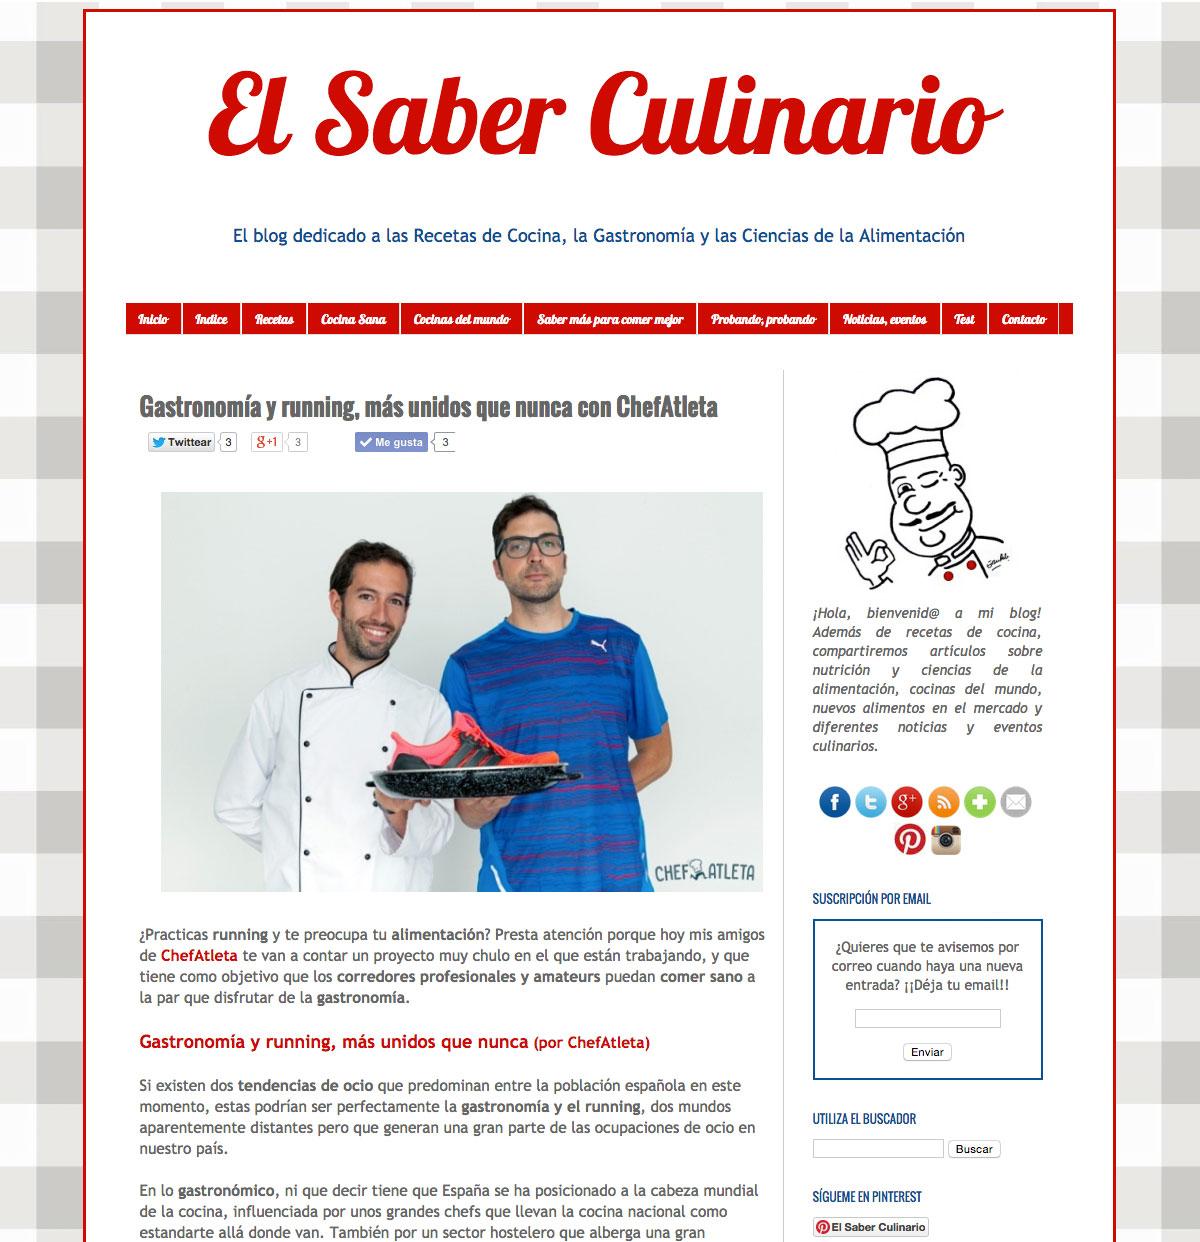 El Saber Culinario habla de Chefatleta - 1